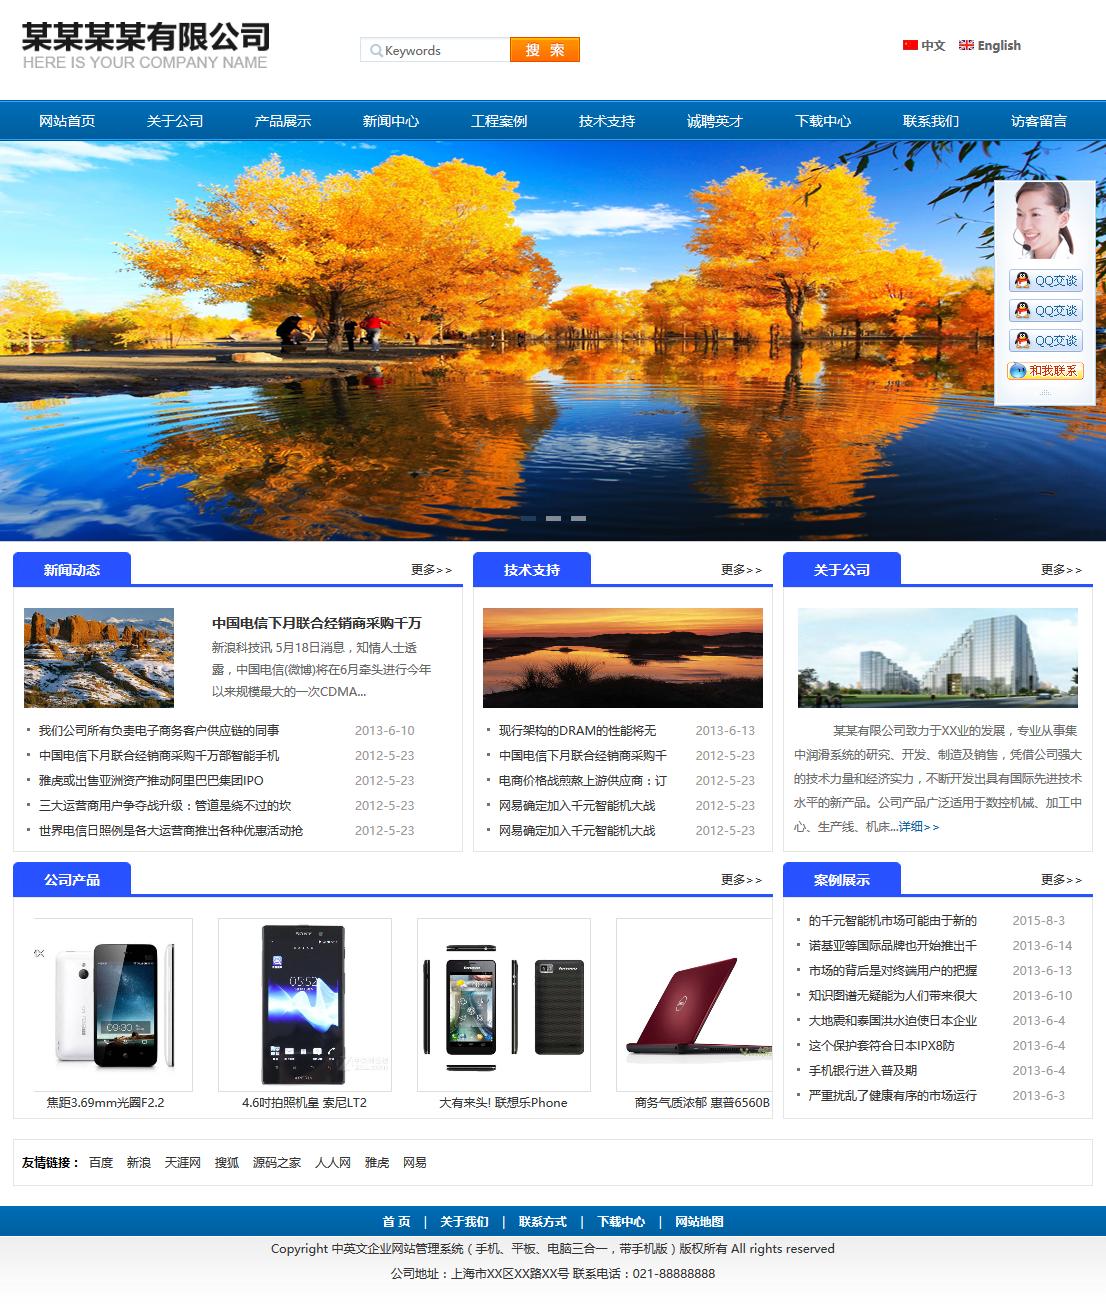 网新中英文企业手机电脑一体化建站标准版ASP/Access源码 1.9